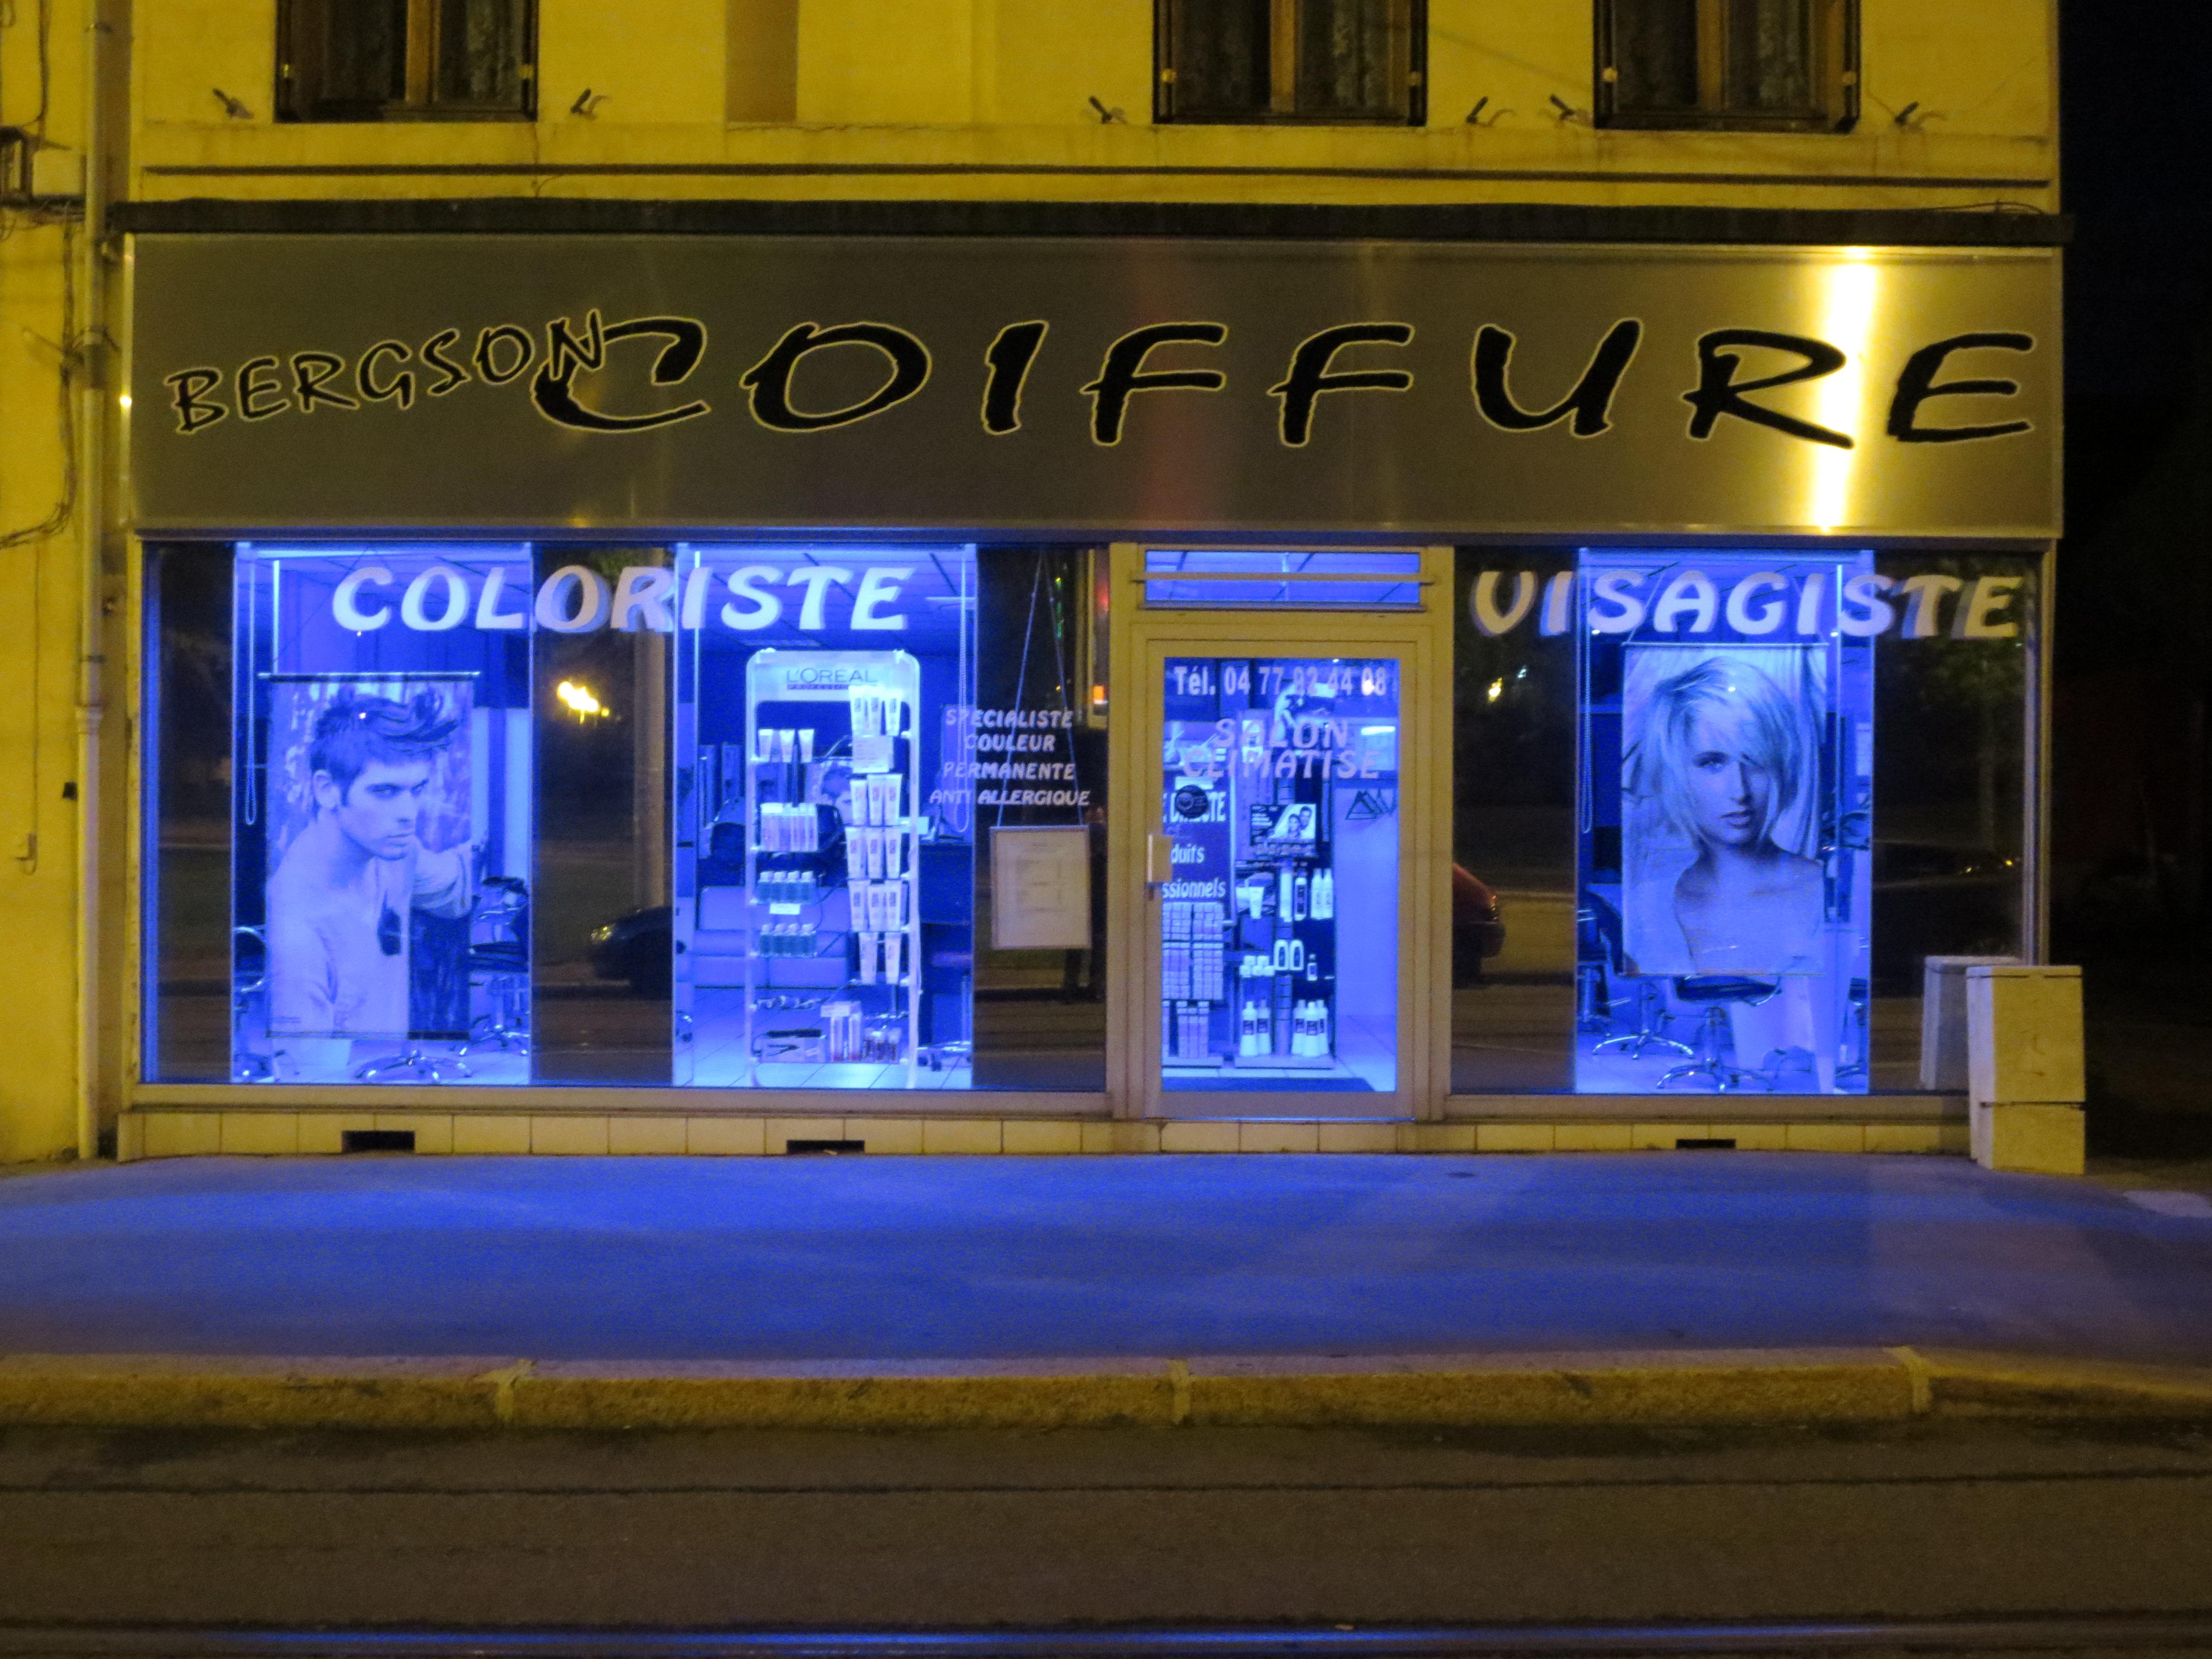 Bergson Coiffure Saint-Etienne